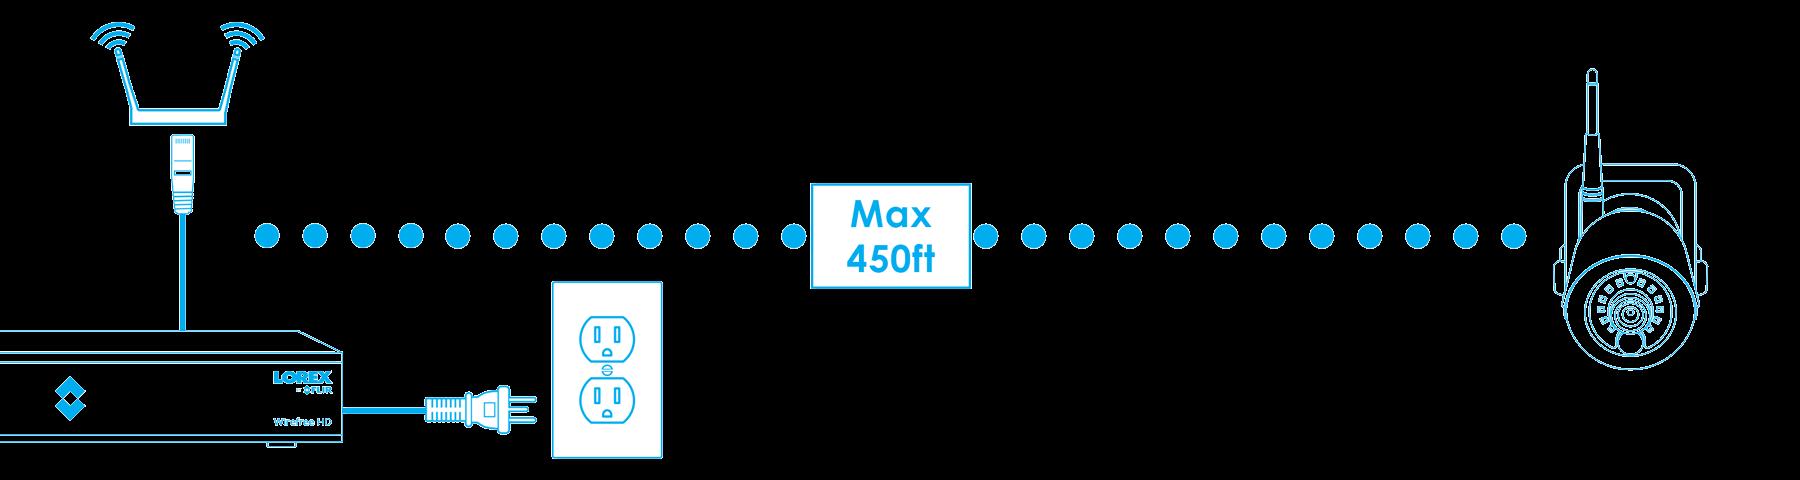 telsiz güvenlik kamera kurulum şeması